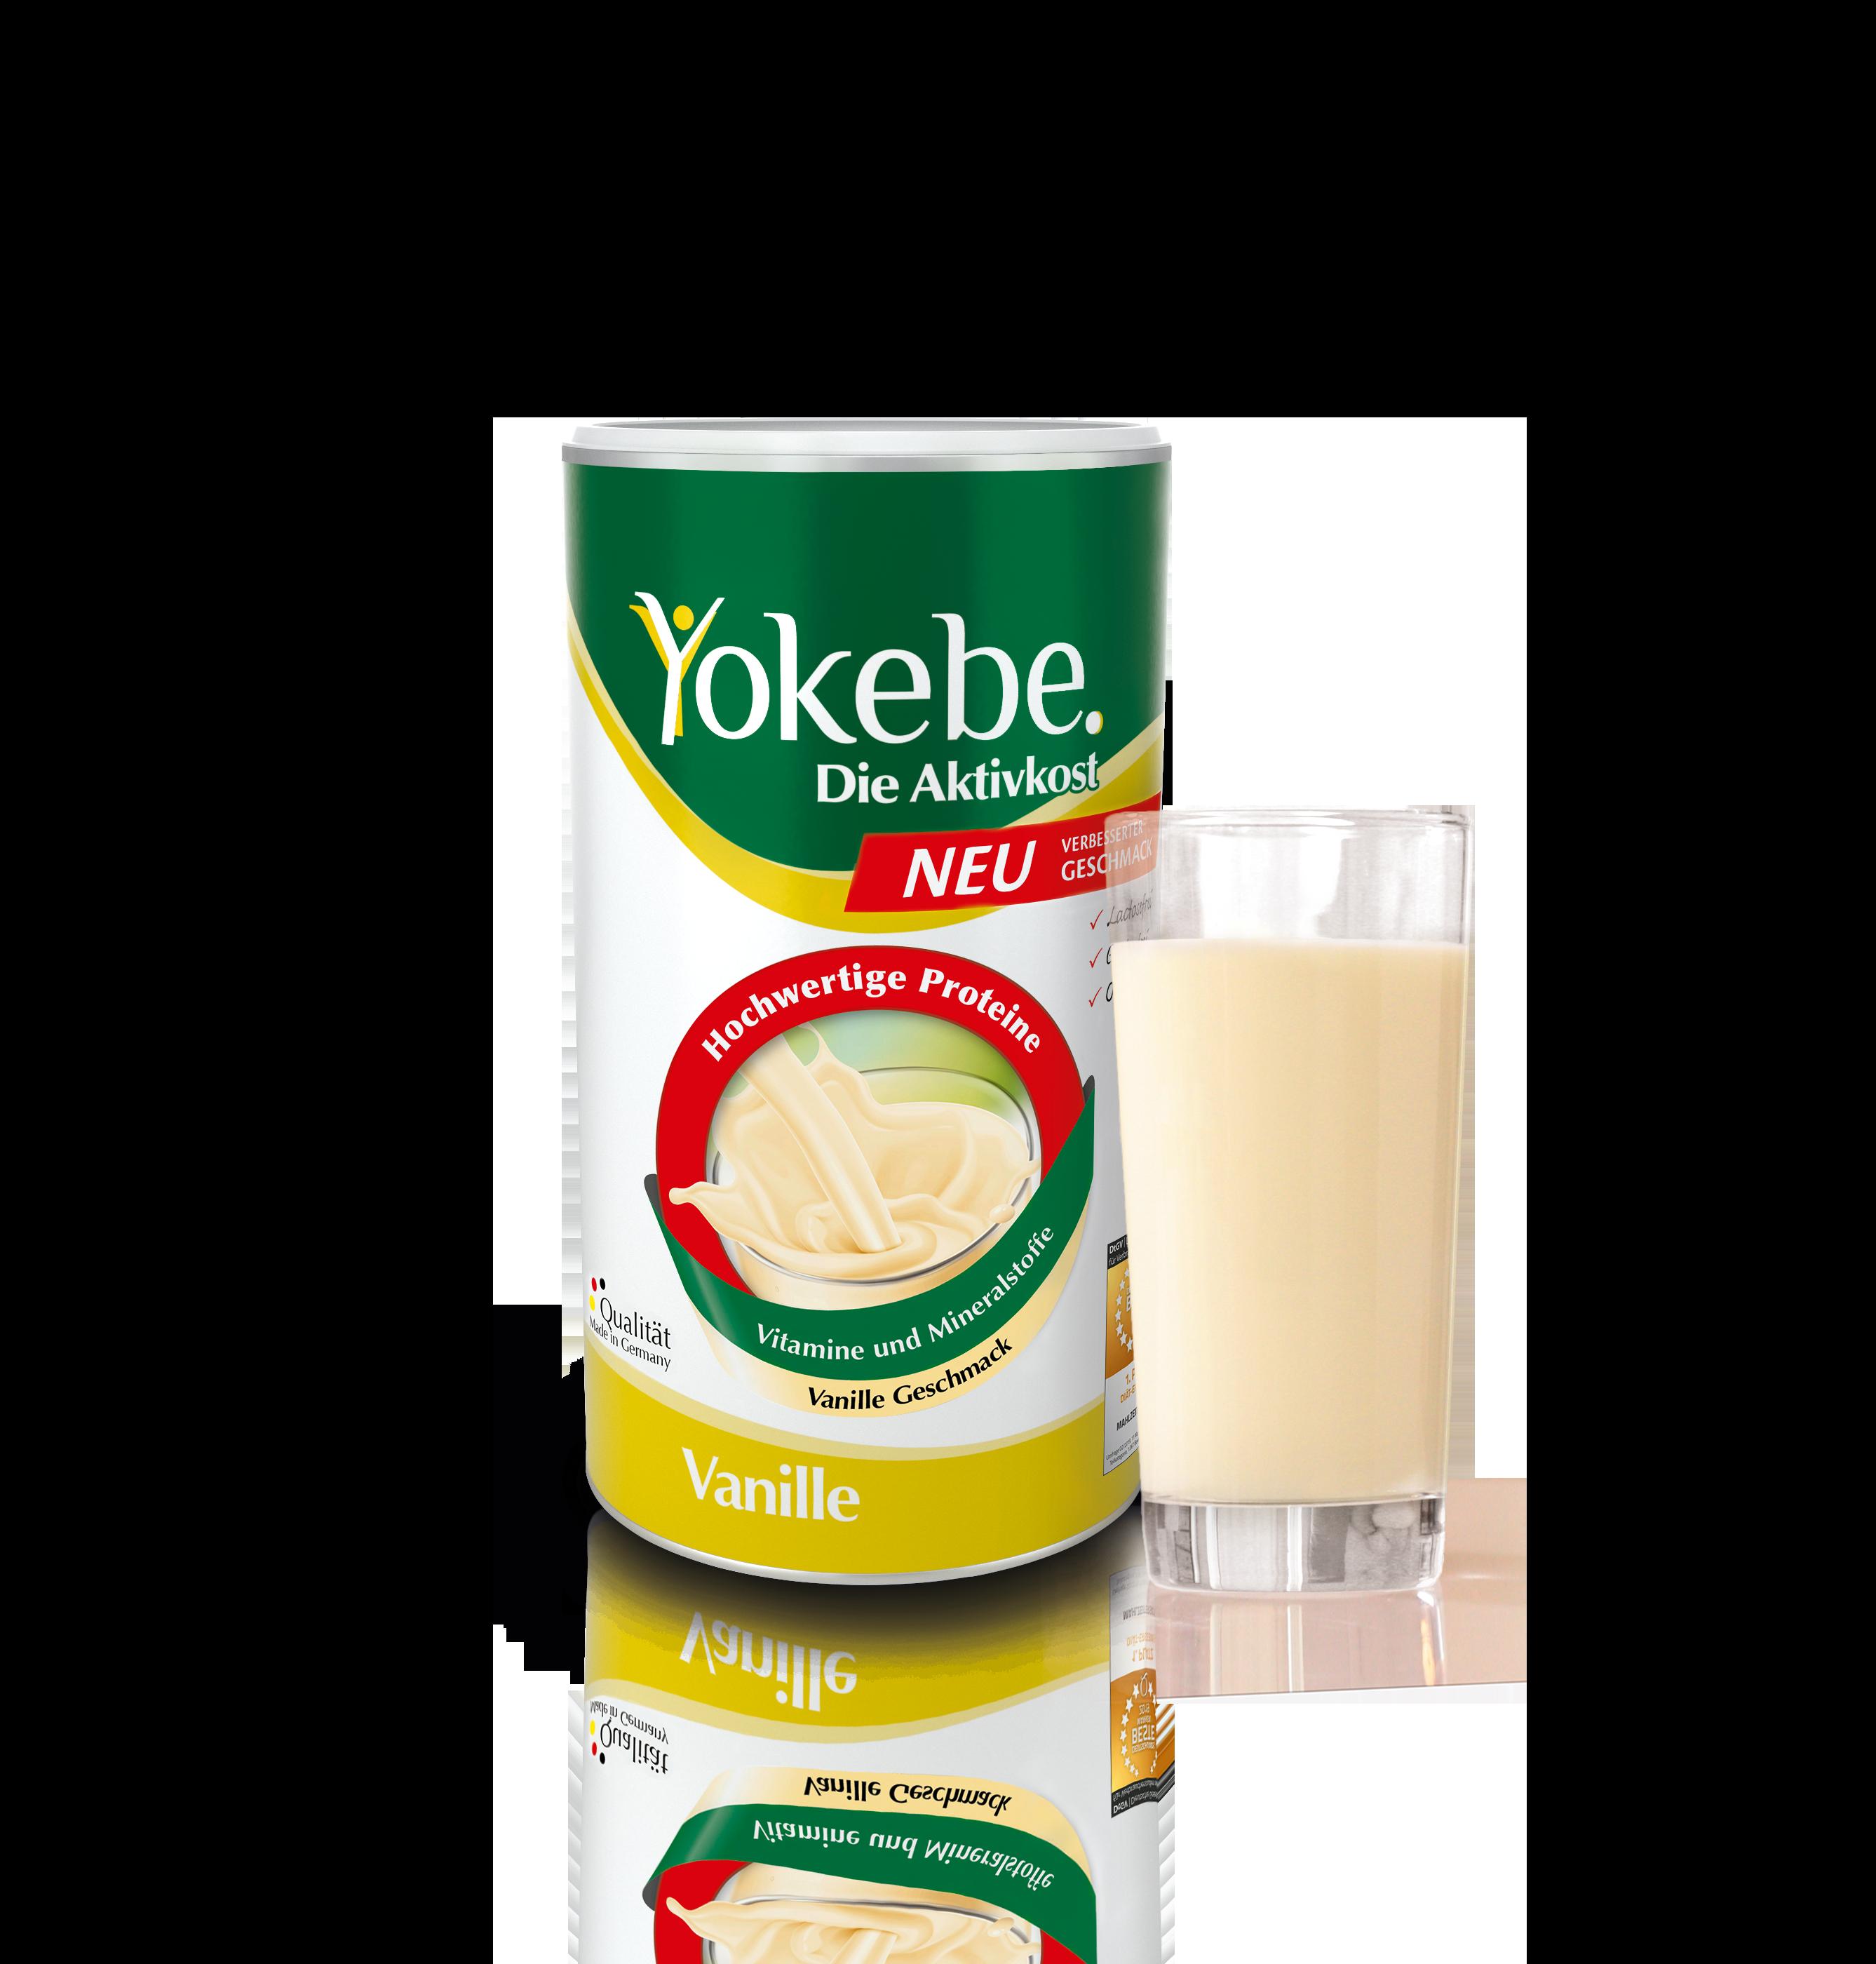 Yokebe Vanille neue Formulierung